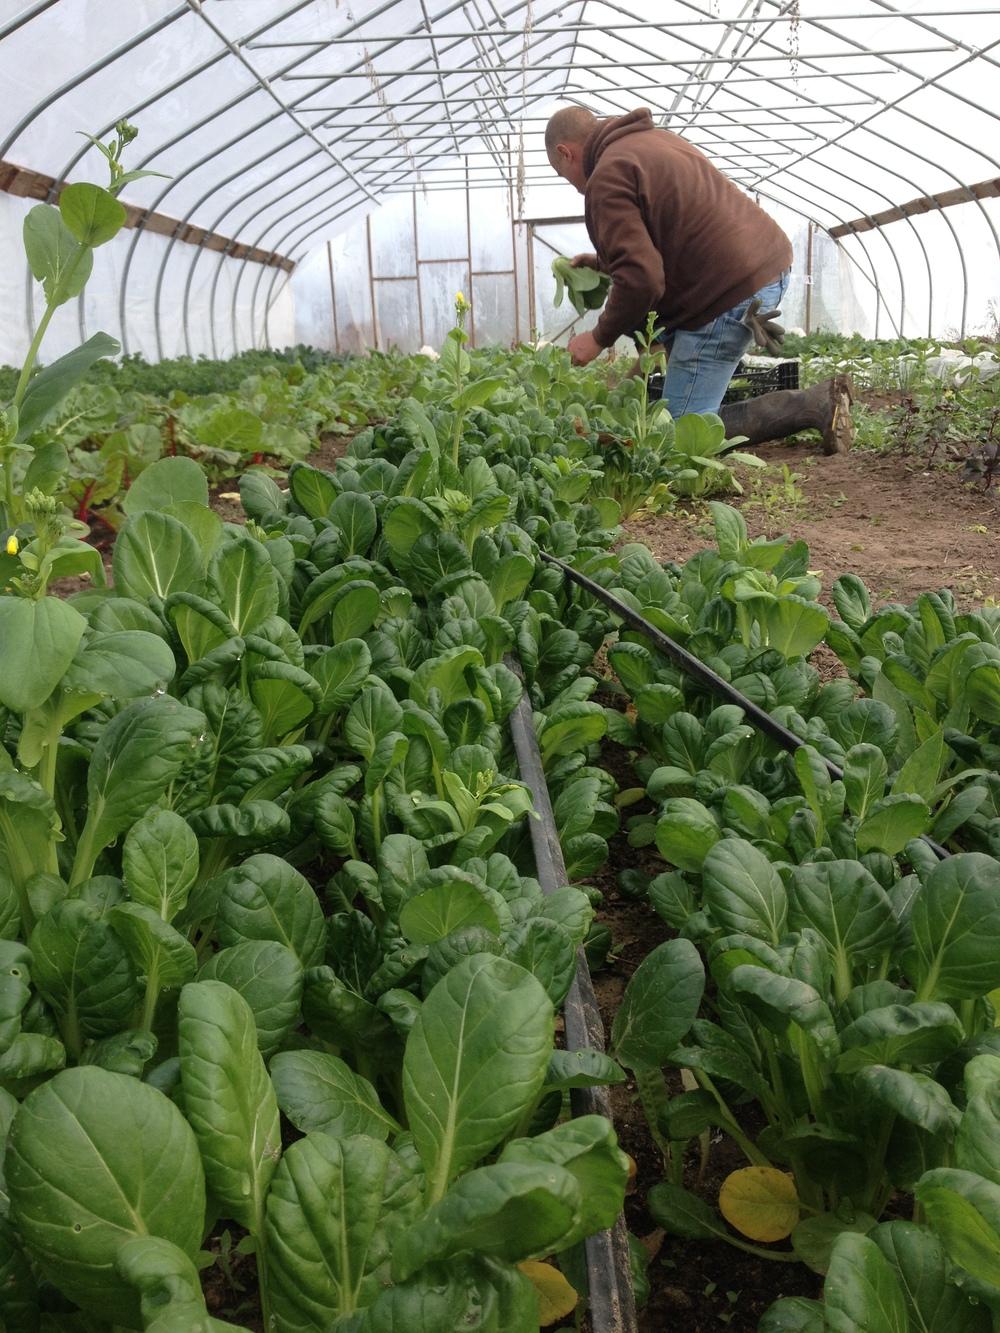 John Harvesting Tatsoi